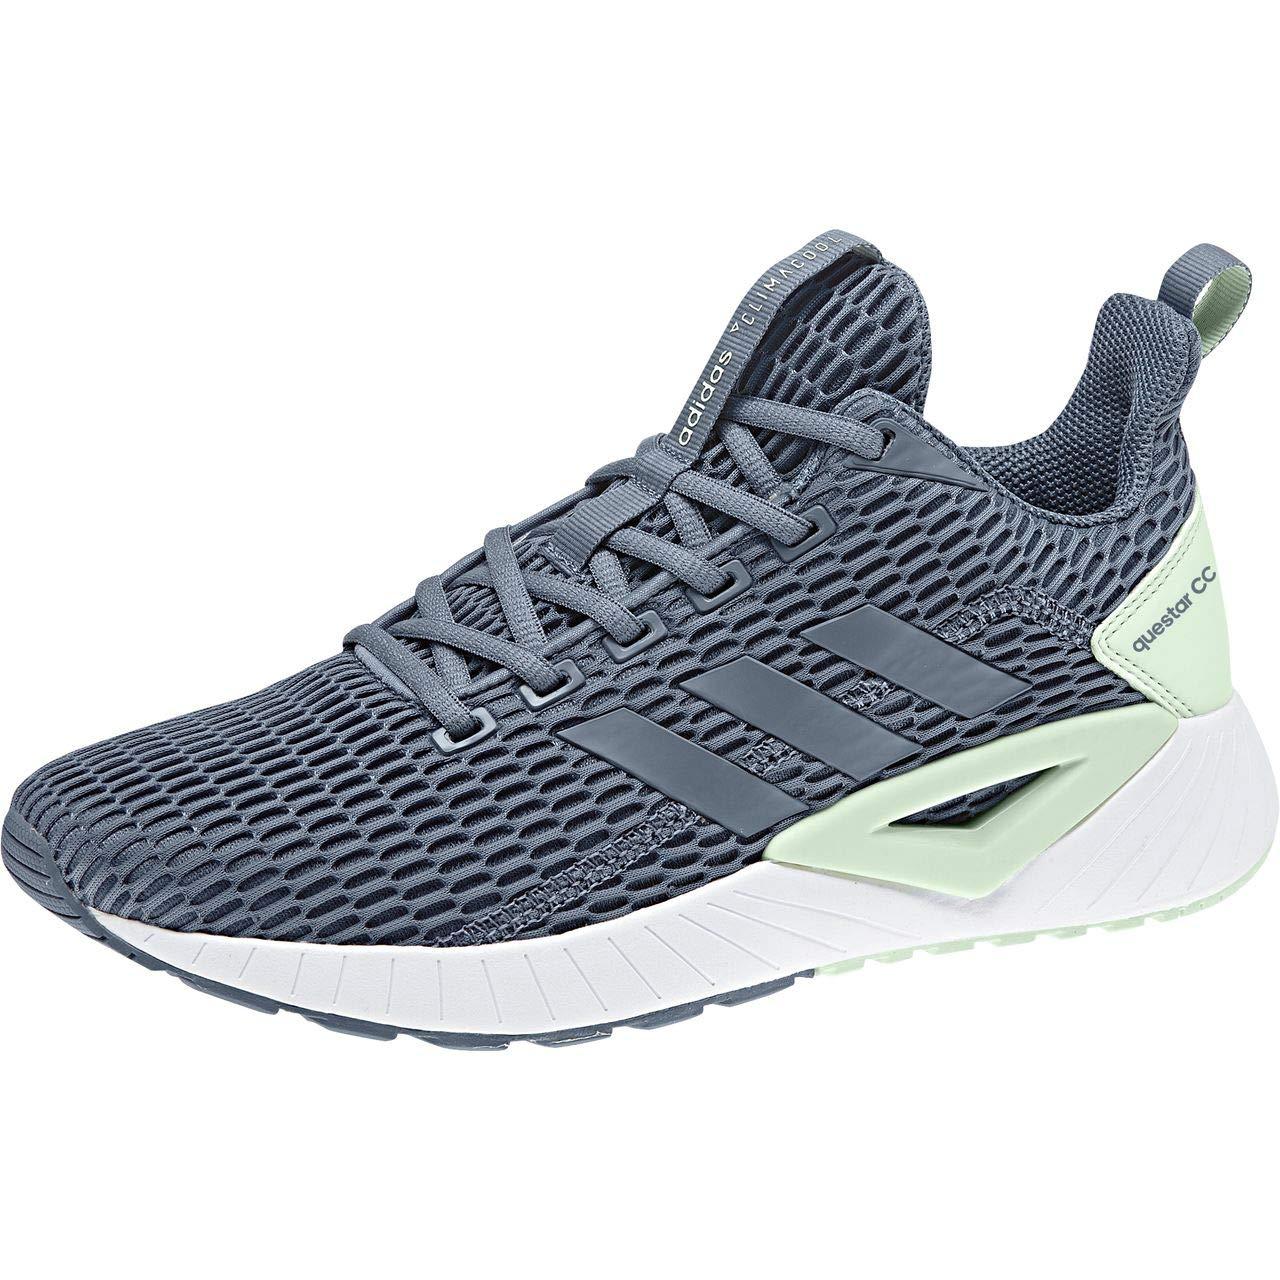 Adidas Questar Cc W - rawste rawste aergrn